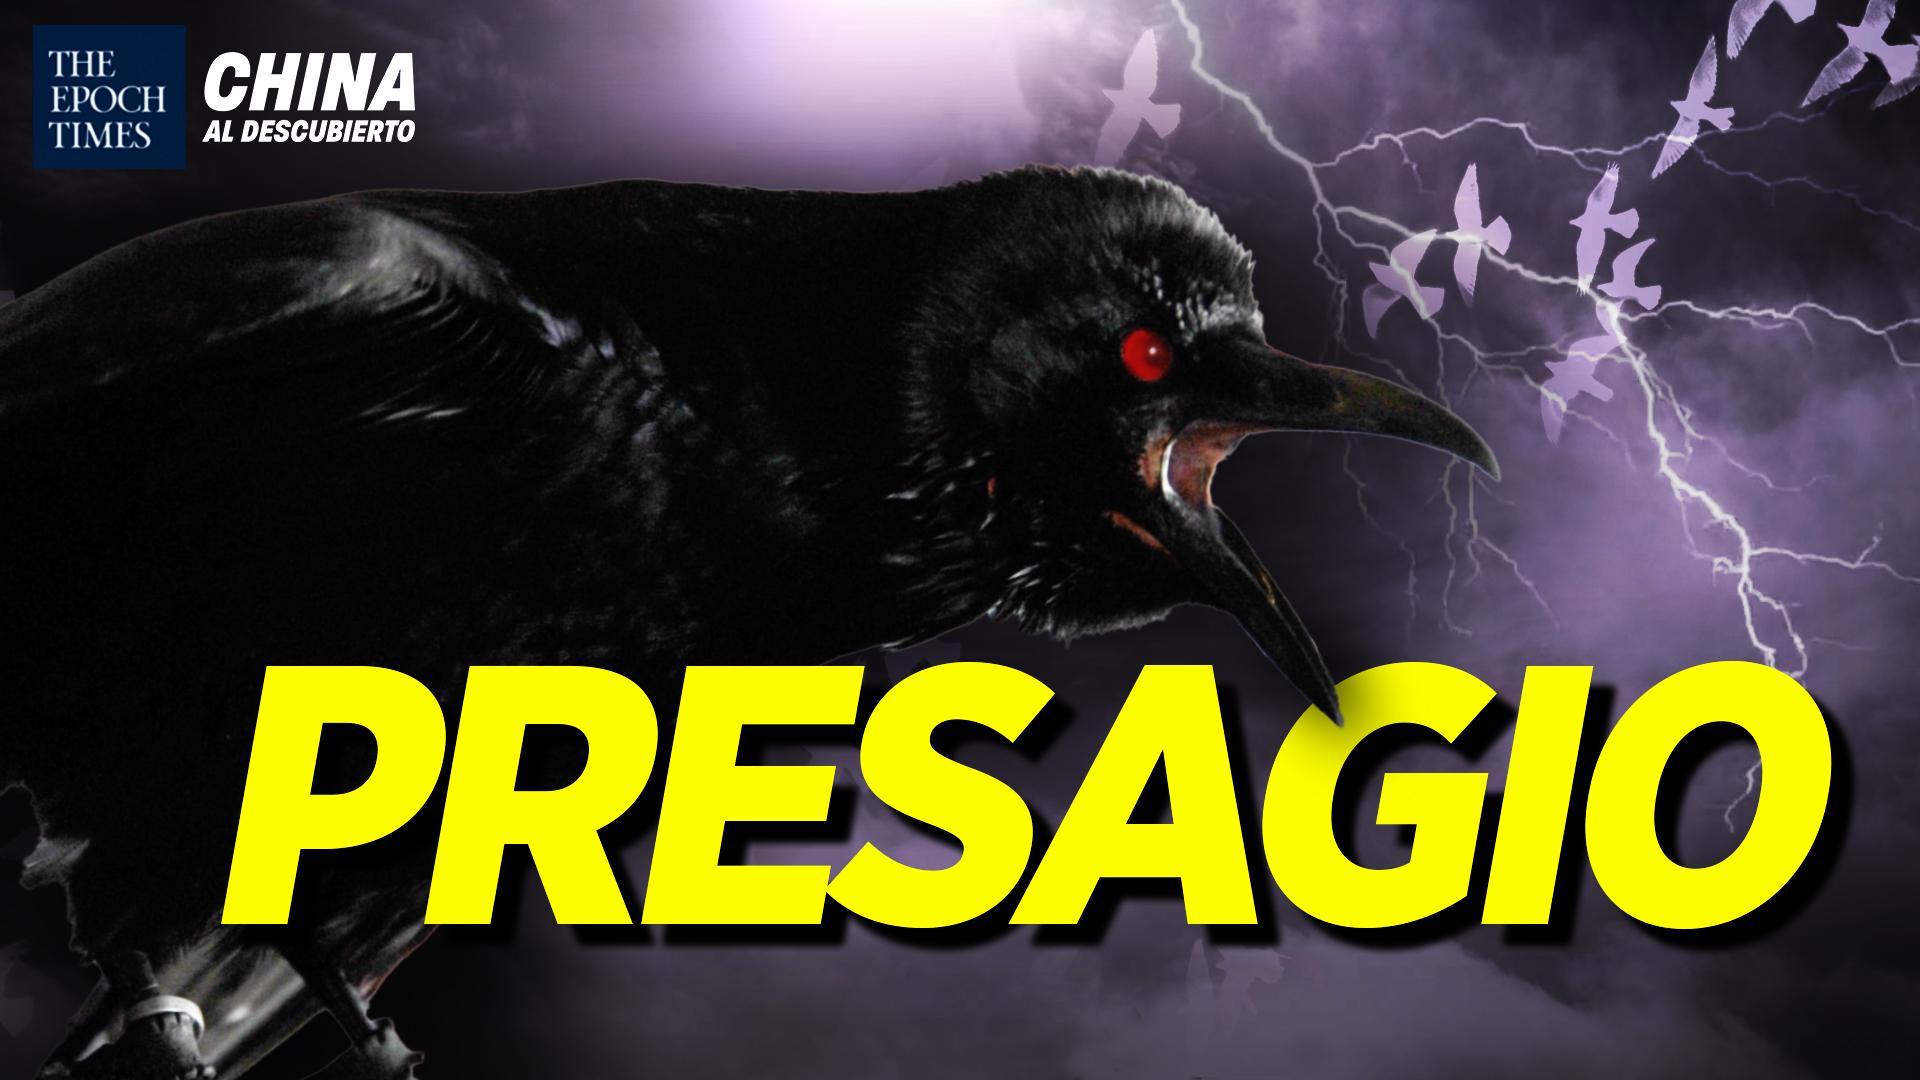 China al Descubierto: Miles de cuervos aparecen en China; Exclusivo: Hacker chino revela espionaje